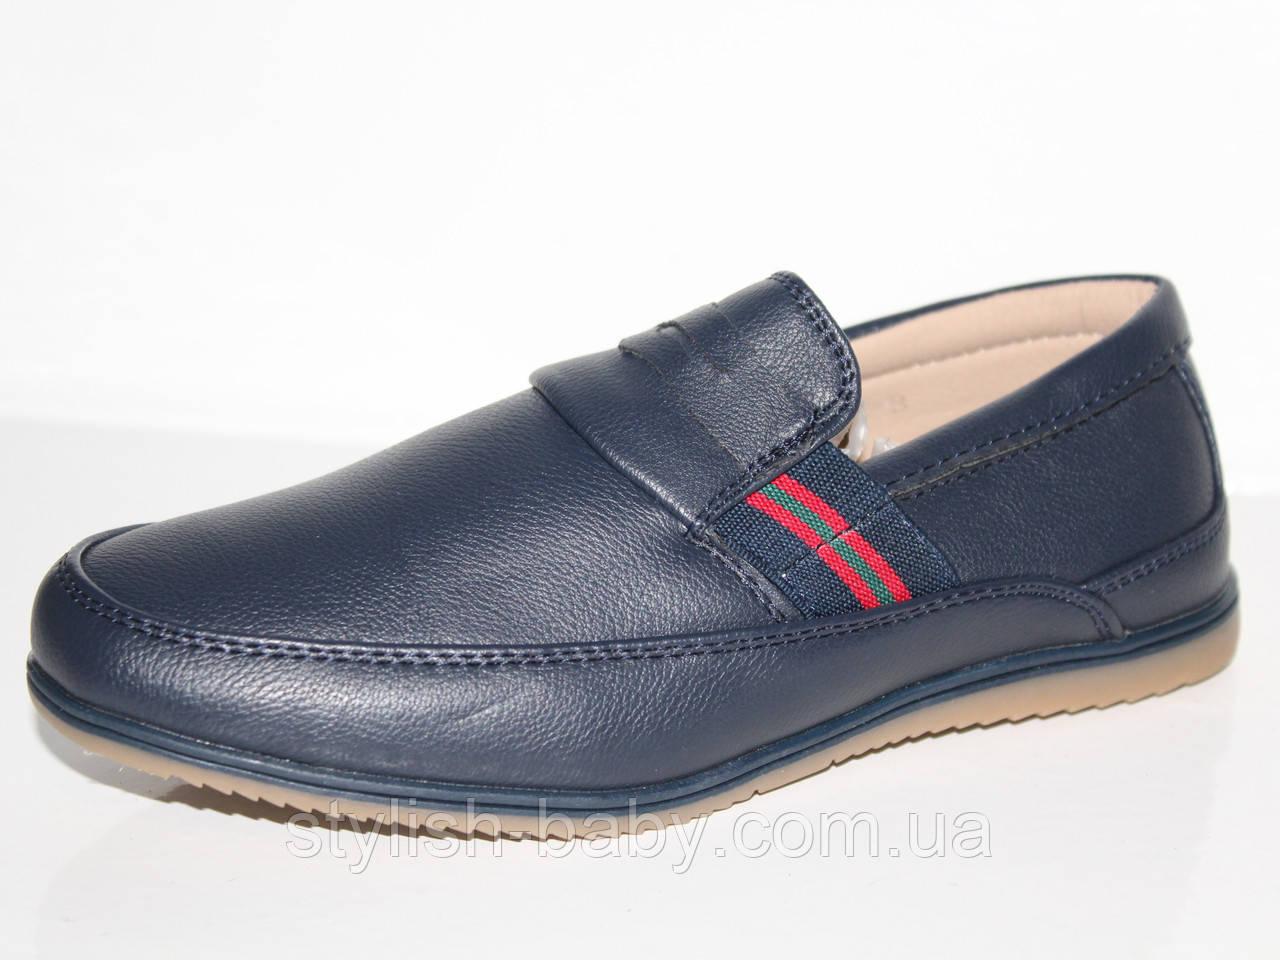 Детская обувь оптом. Детские туфли бренда Tom.m для мальчиков (рр. с 31 по 38)